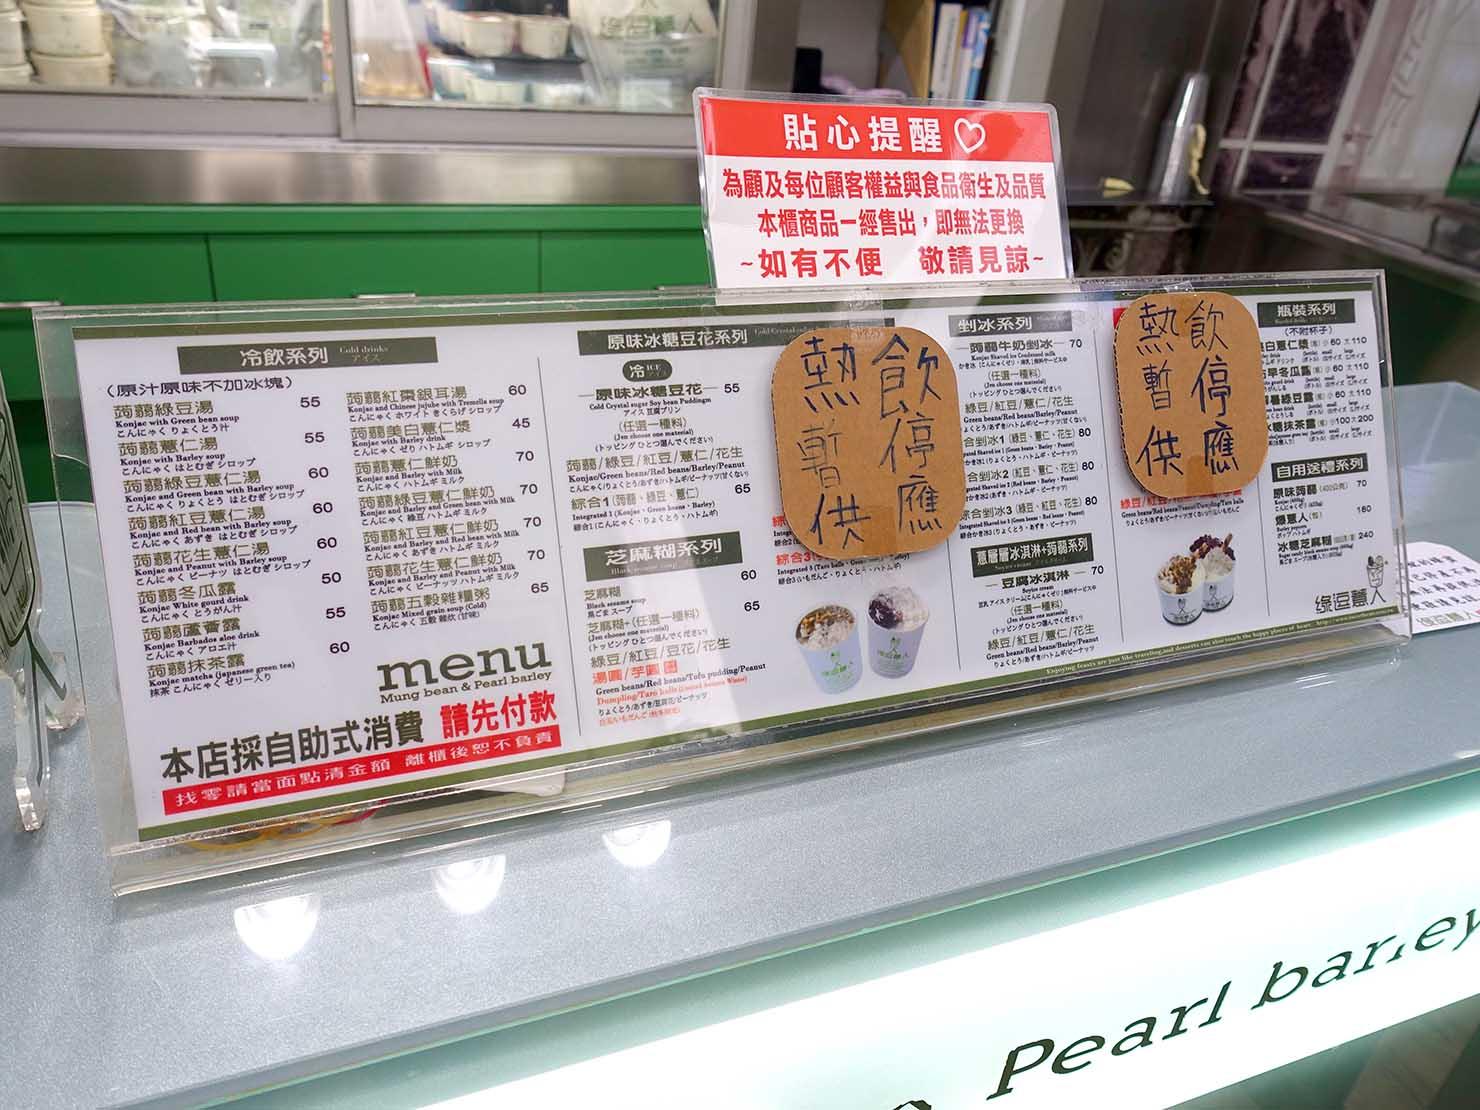 台北・永康街の豆花がいただけるお店「綠逗薏人」のメニュー